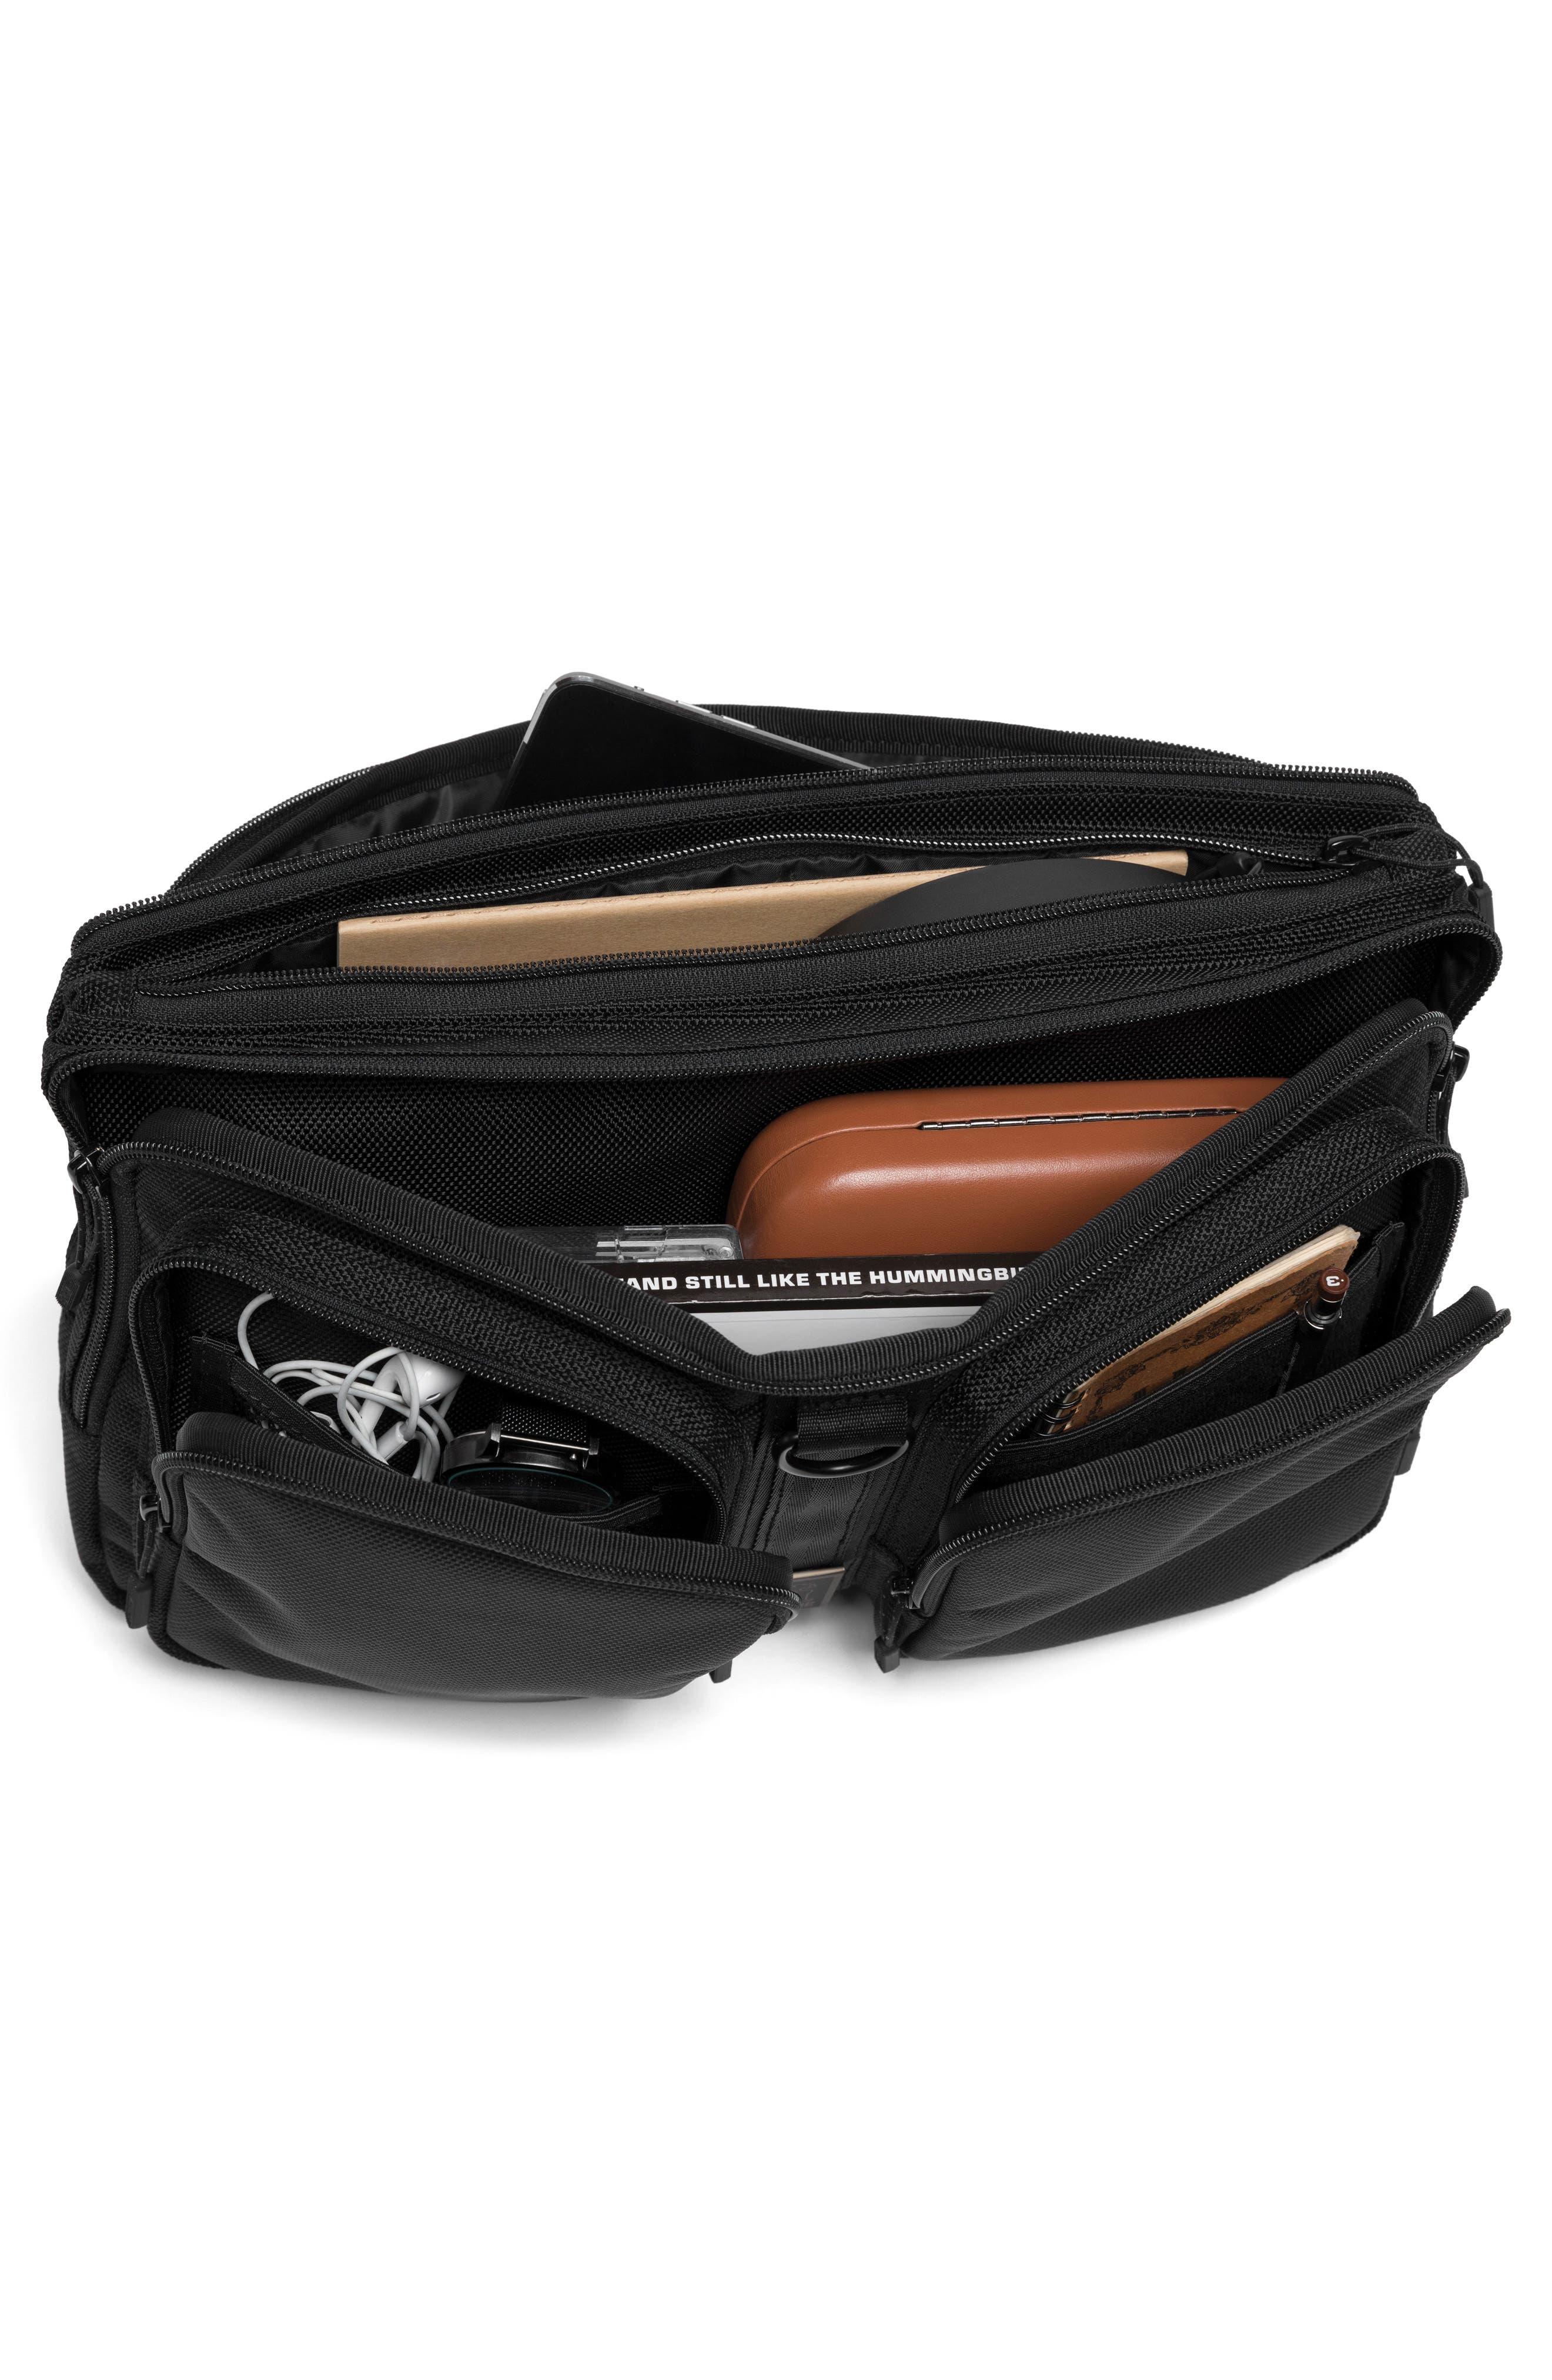 MXD Segment Sling Bag,                             Alternate thumbnail 3, color,                             All Black